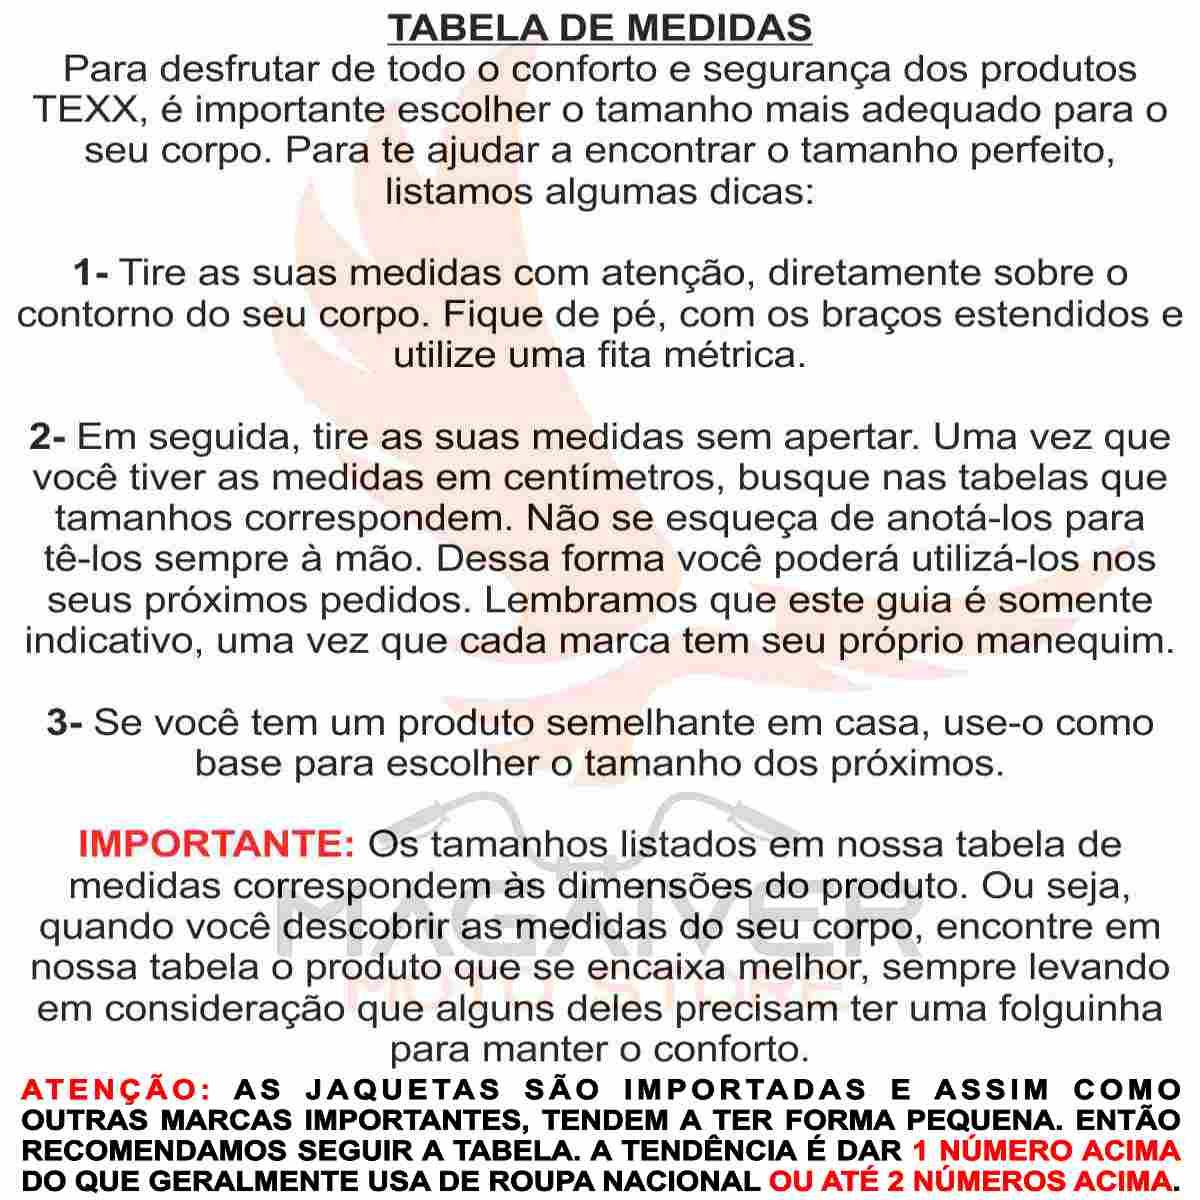 JAQUETA DE MOTOCICISTA FEMININA PROTEÇÃO SOL CHUVA TEXX ARMOR TIPO PARKA IMPERMEÁVEL VÁRIOS BOLSOS